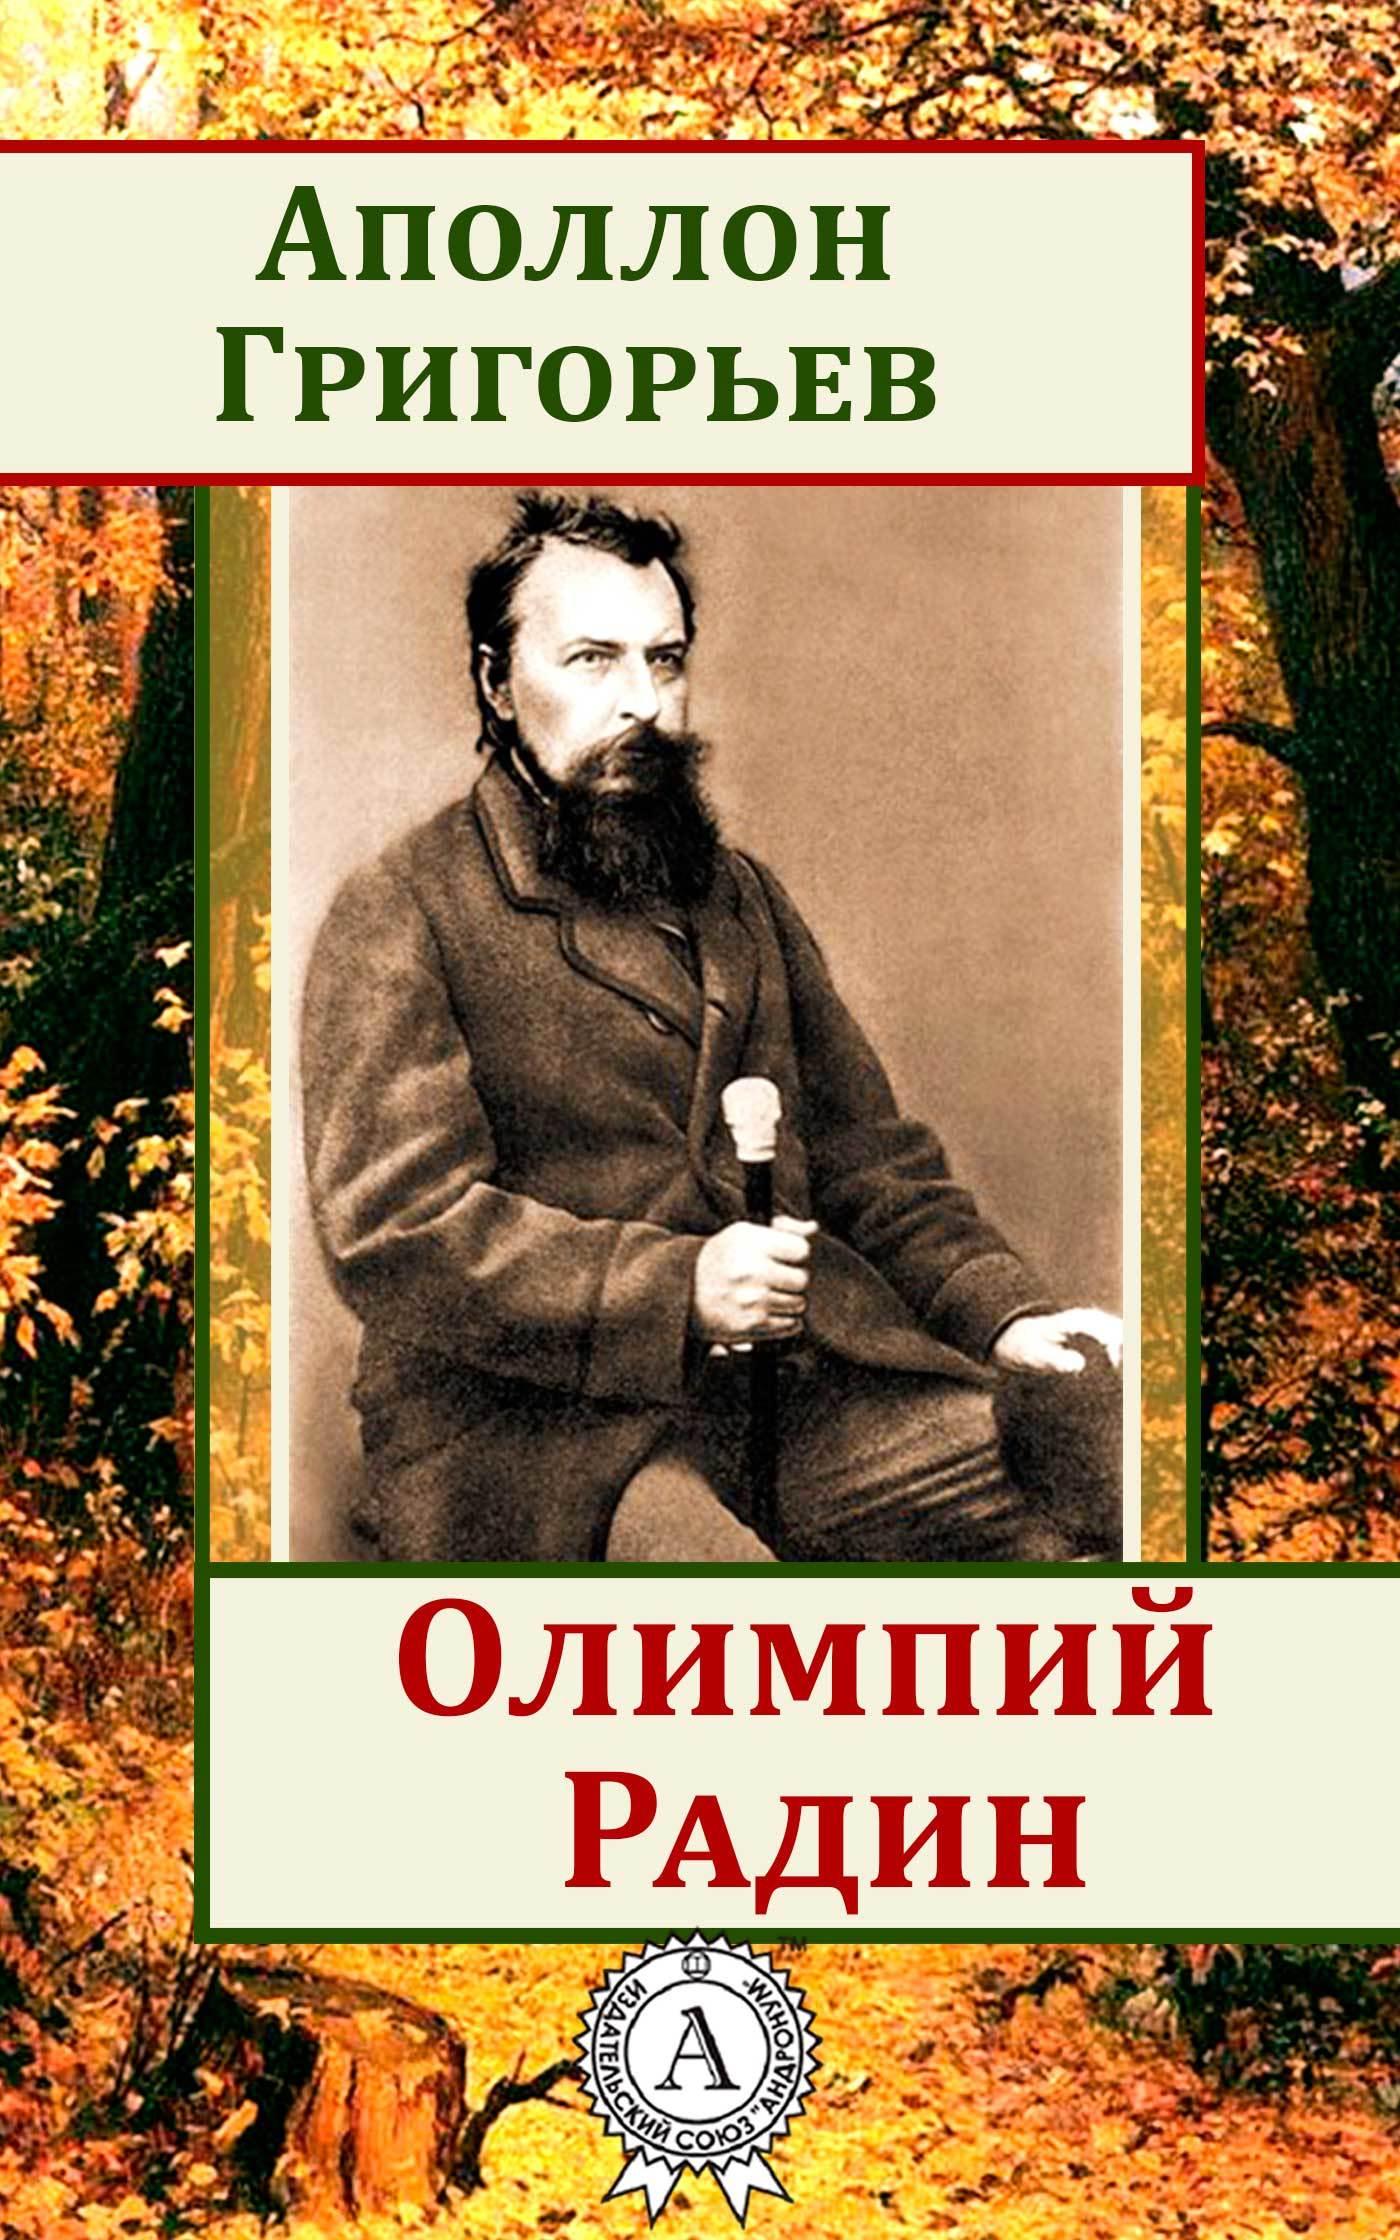 быстрое скачивание Аполлон Александрович Григорьев читать онлайн